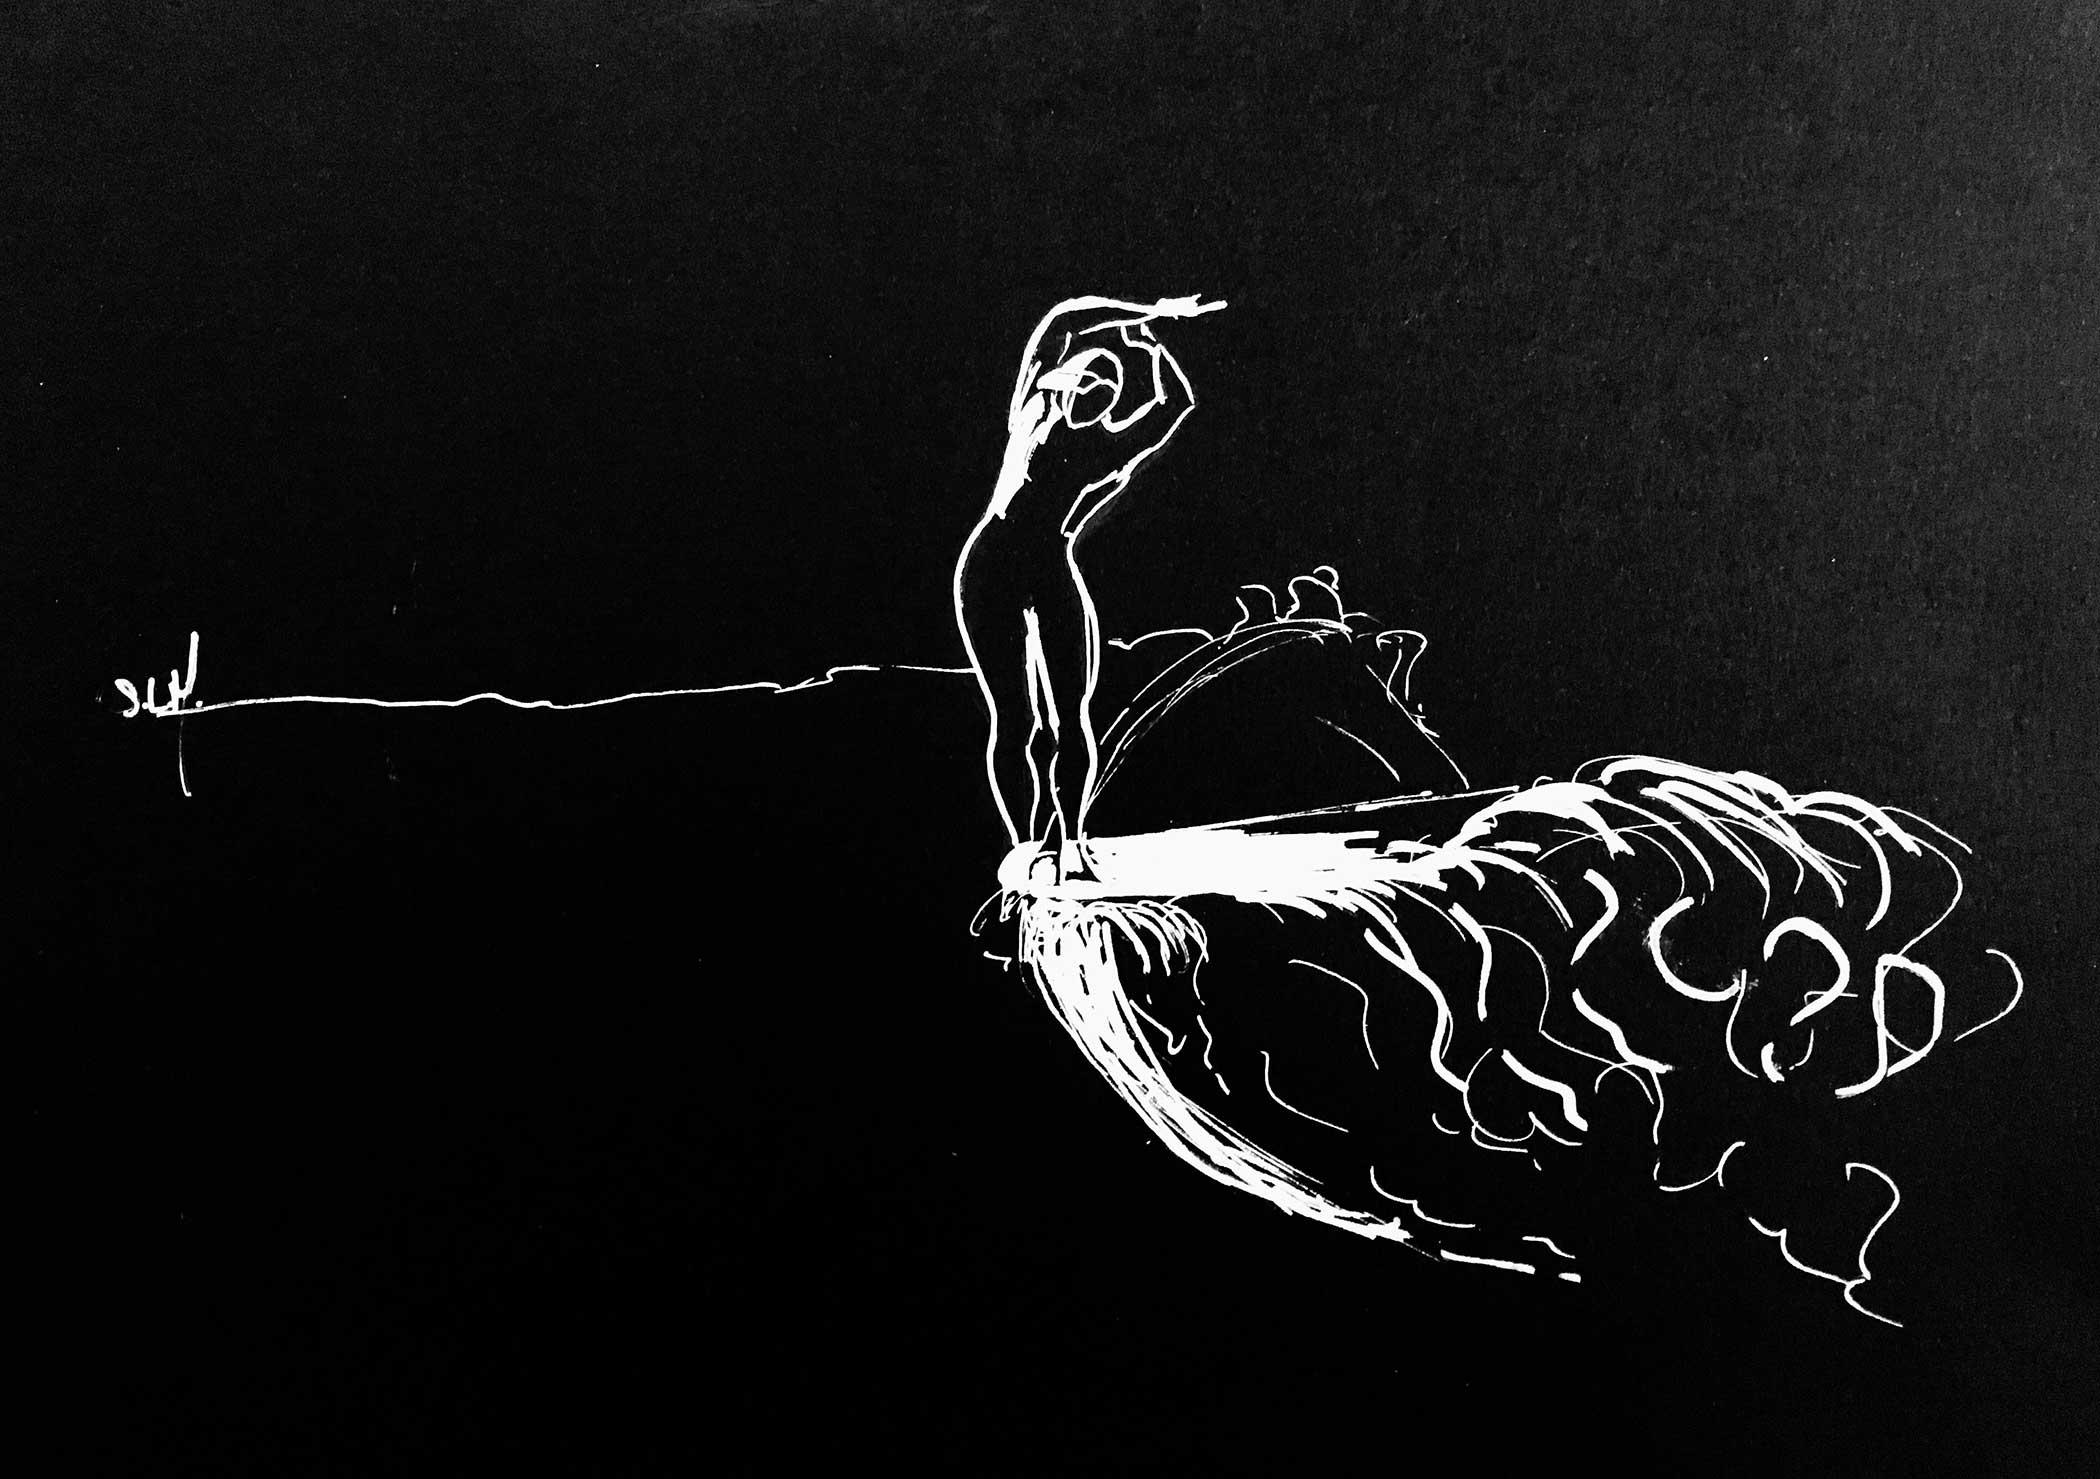 Arc Crayon Posca blanc (peinture acrylique à base d'eau) sur papier noir A4 (24cm x 29,7cm) 2018